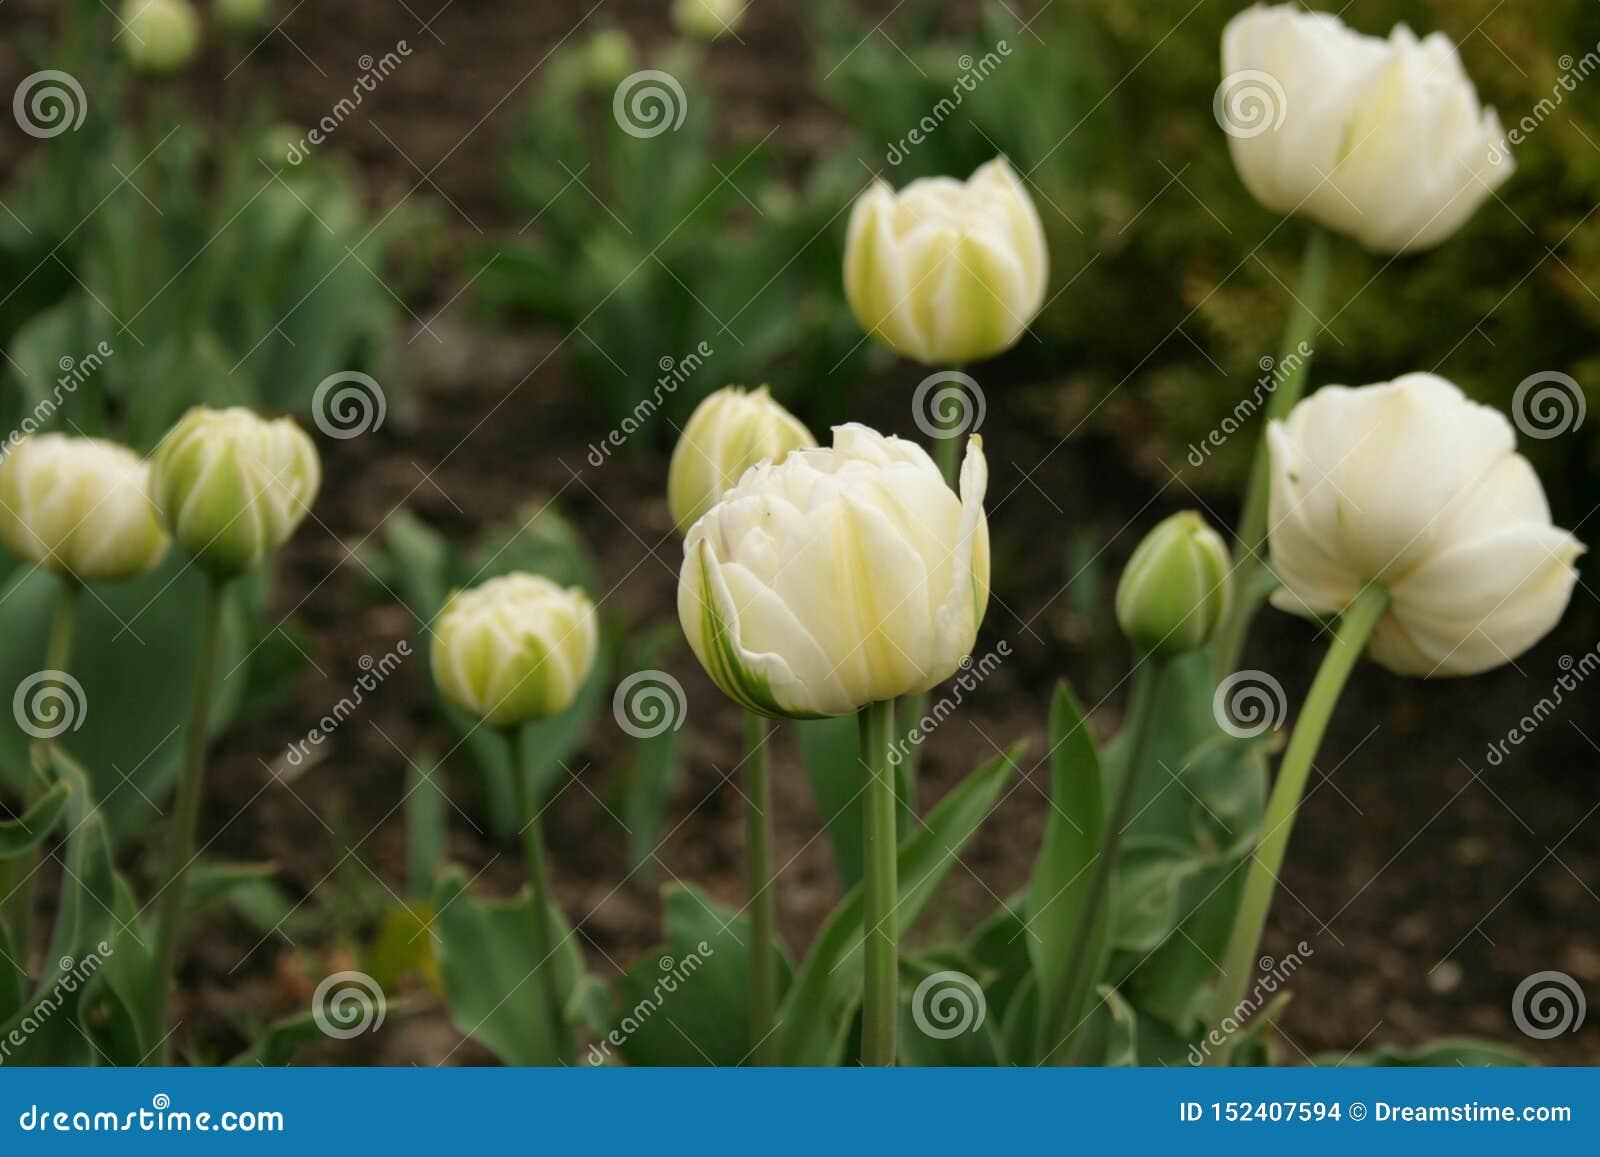 Цветки весны - белые тюльпаны